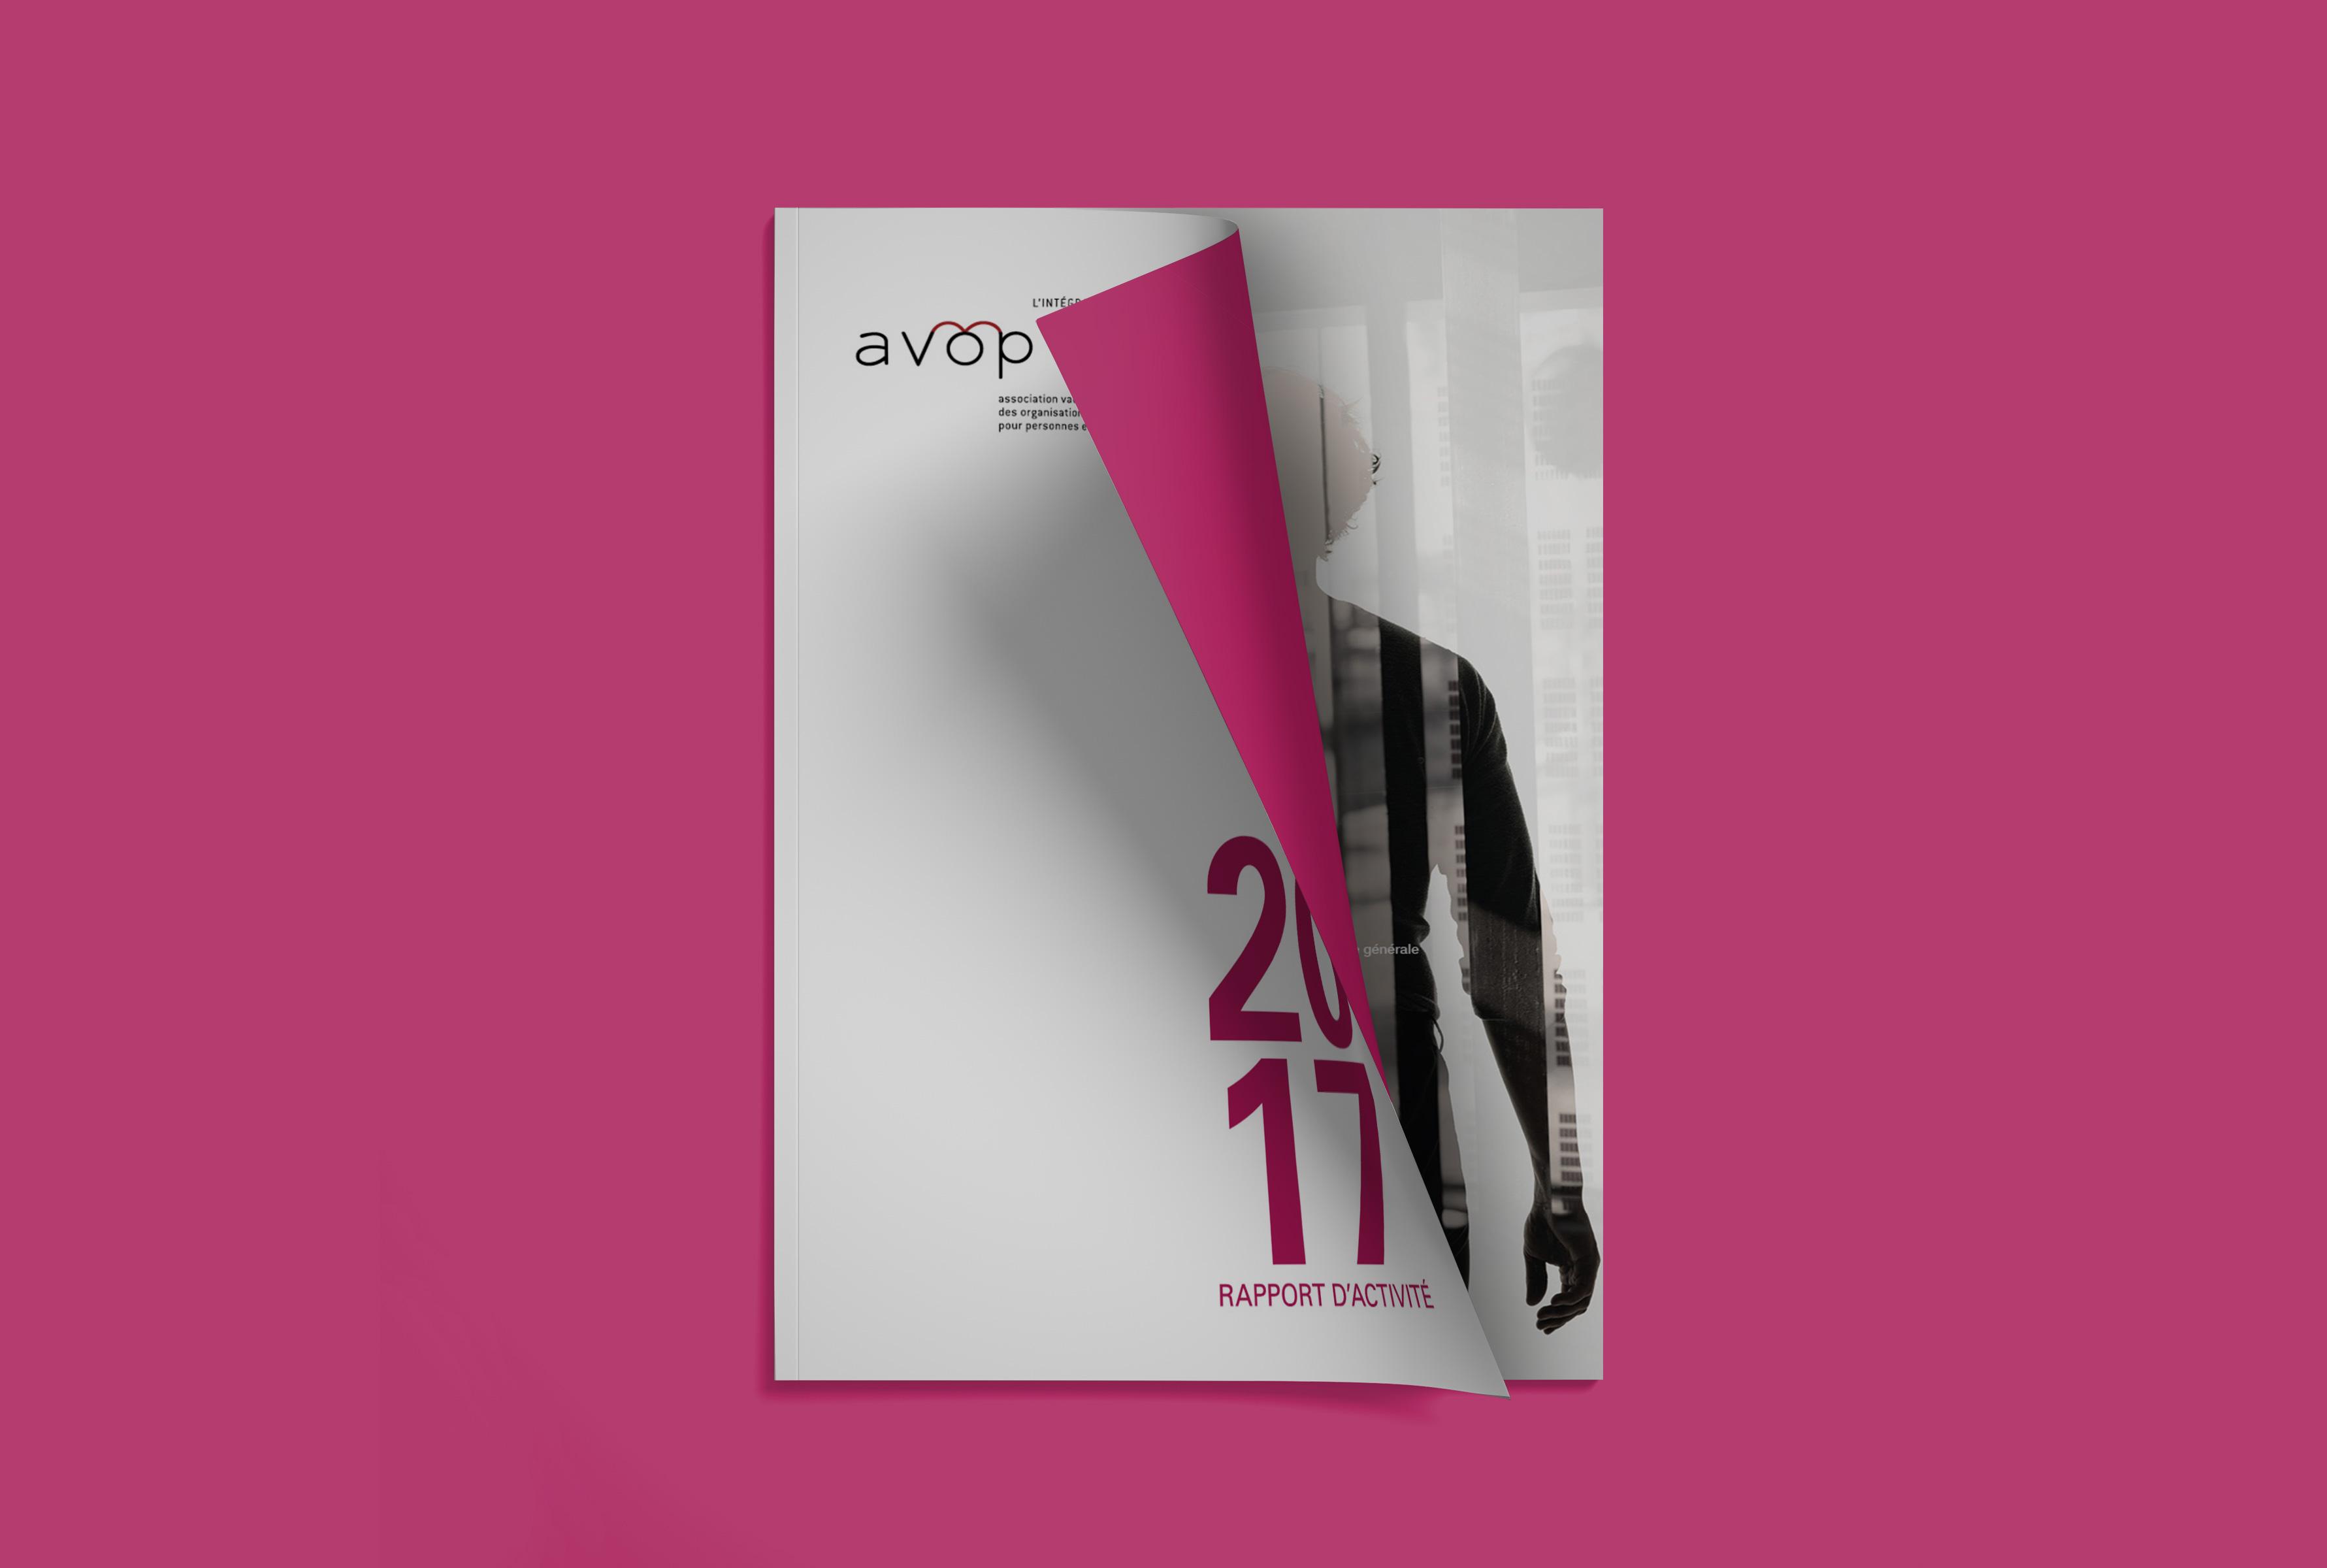 Rapport de l'avop avec un fond rose, page de couverture